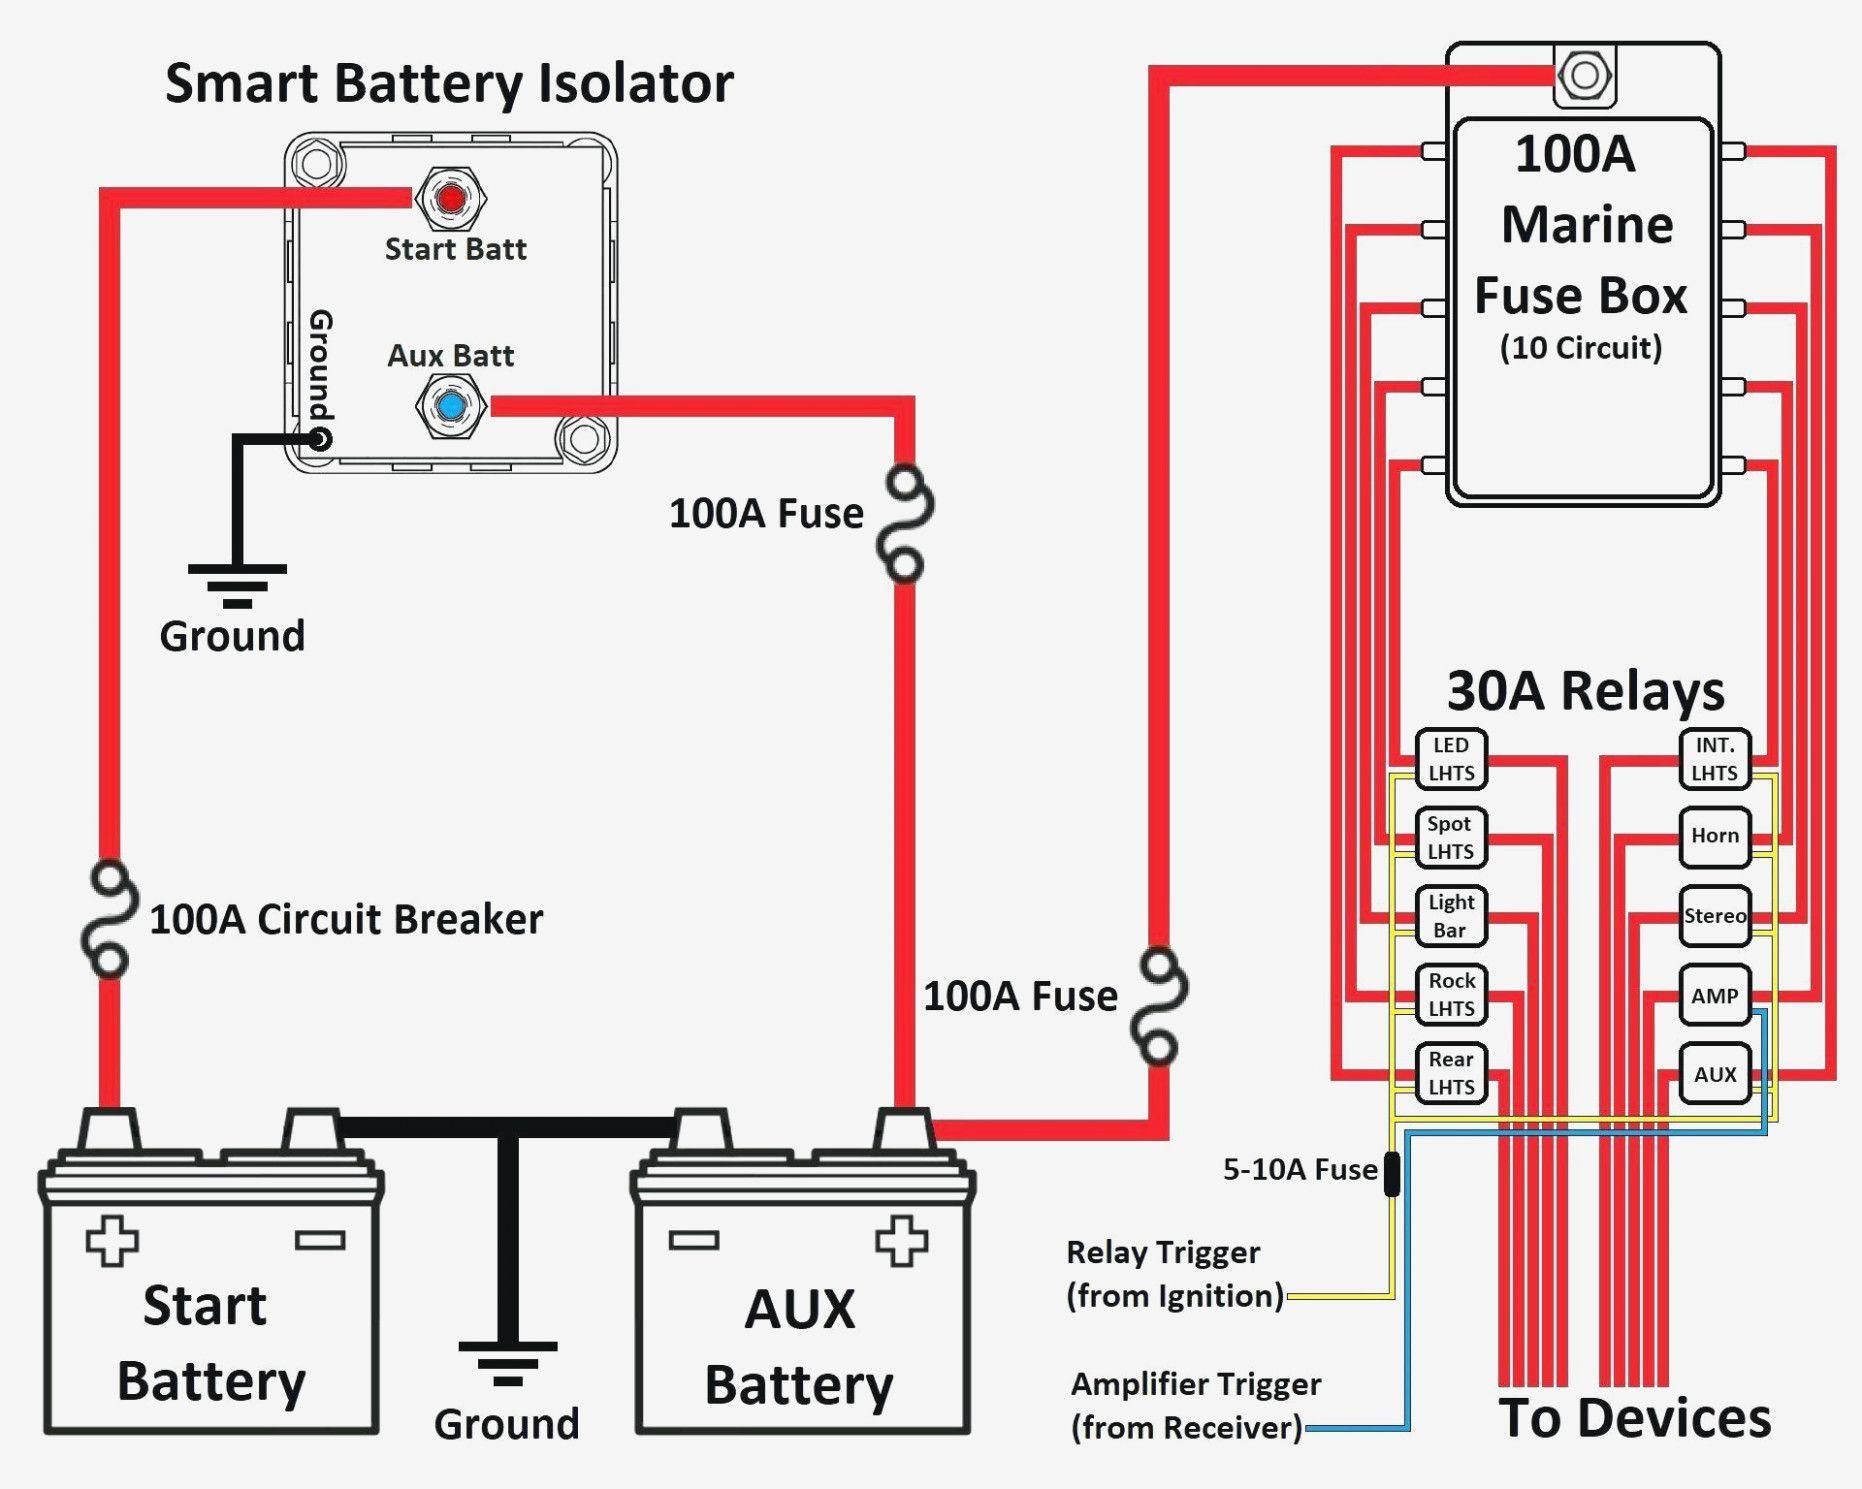 boat amp wiring diagram wiring diagram data pioneer amp wiring diagram boat amp wiring diagram [ 1862 x 1489 Pixel ]